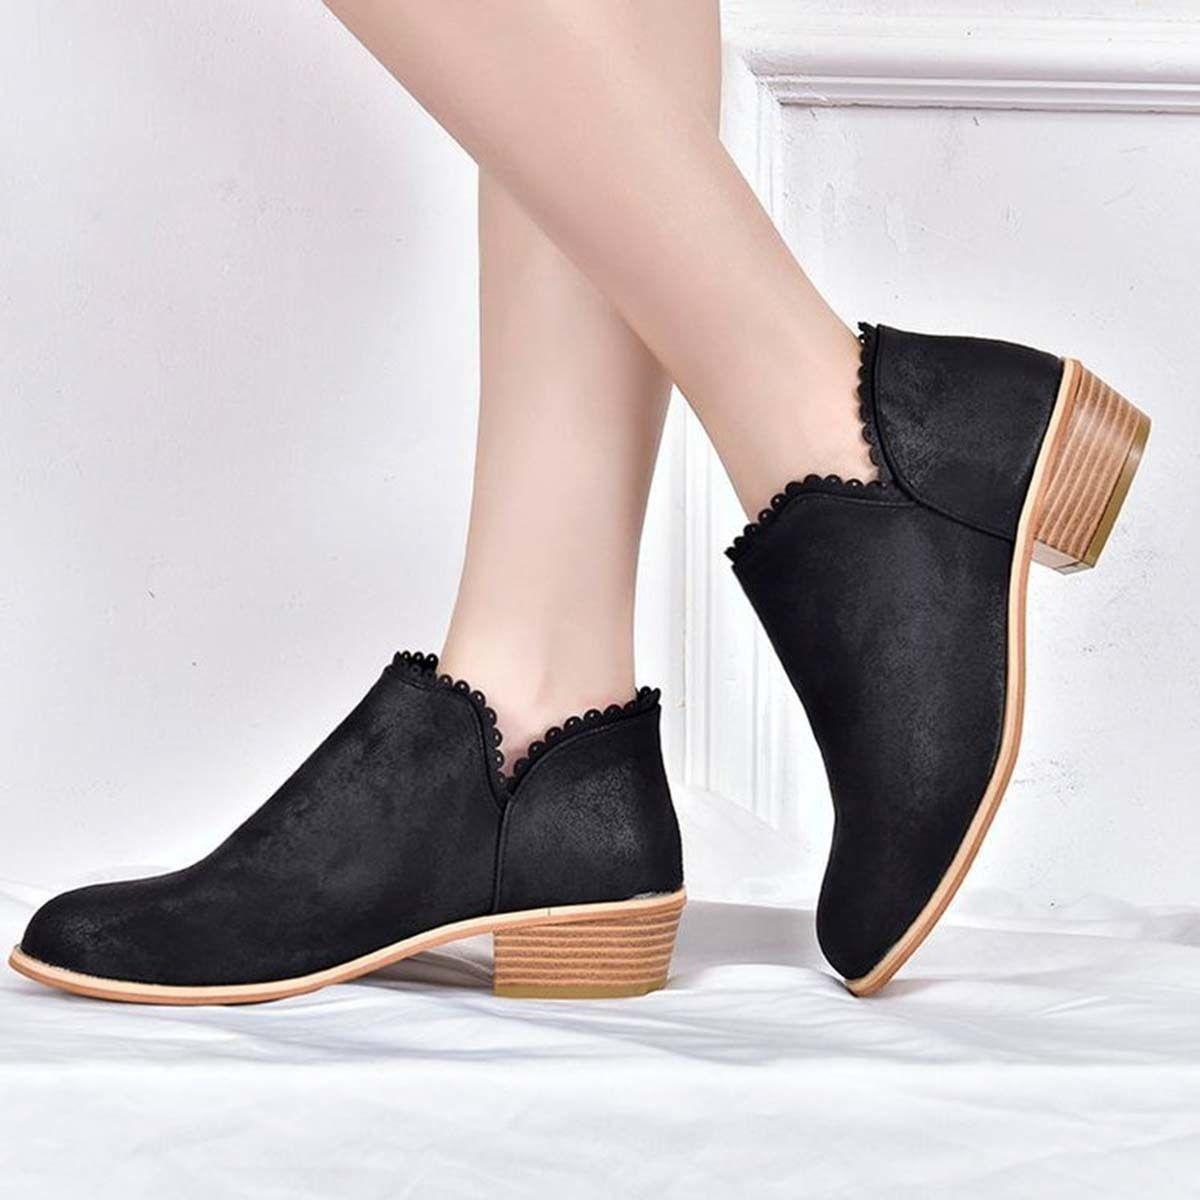 Compre Diseñador De Zapatos De Vestir Mujer Tacón Tobillo Talla Grande Flock Plataforma Tacón Bajo Fashion Fashion Slip En Mujer Cuadrado Casual